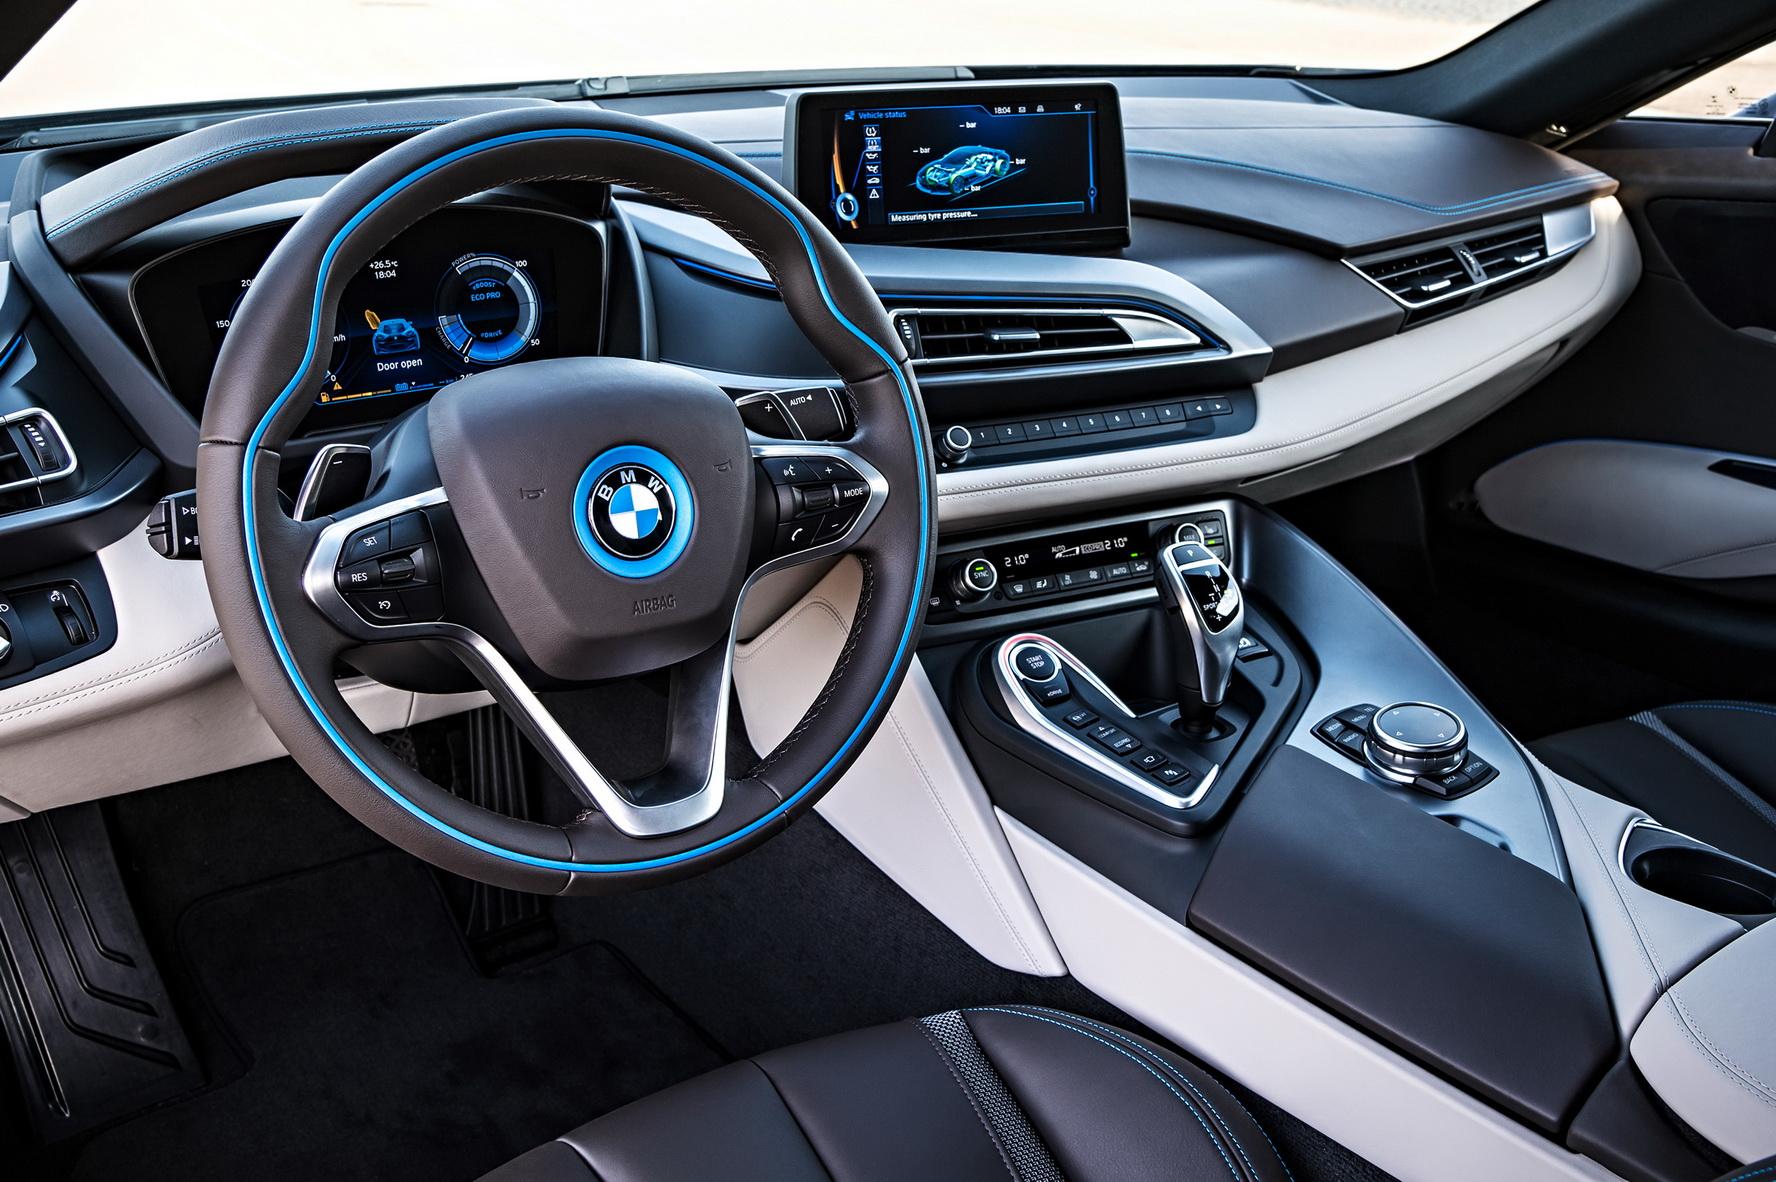 Nội thất sang trọng và thời trang của BMW i8